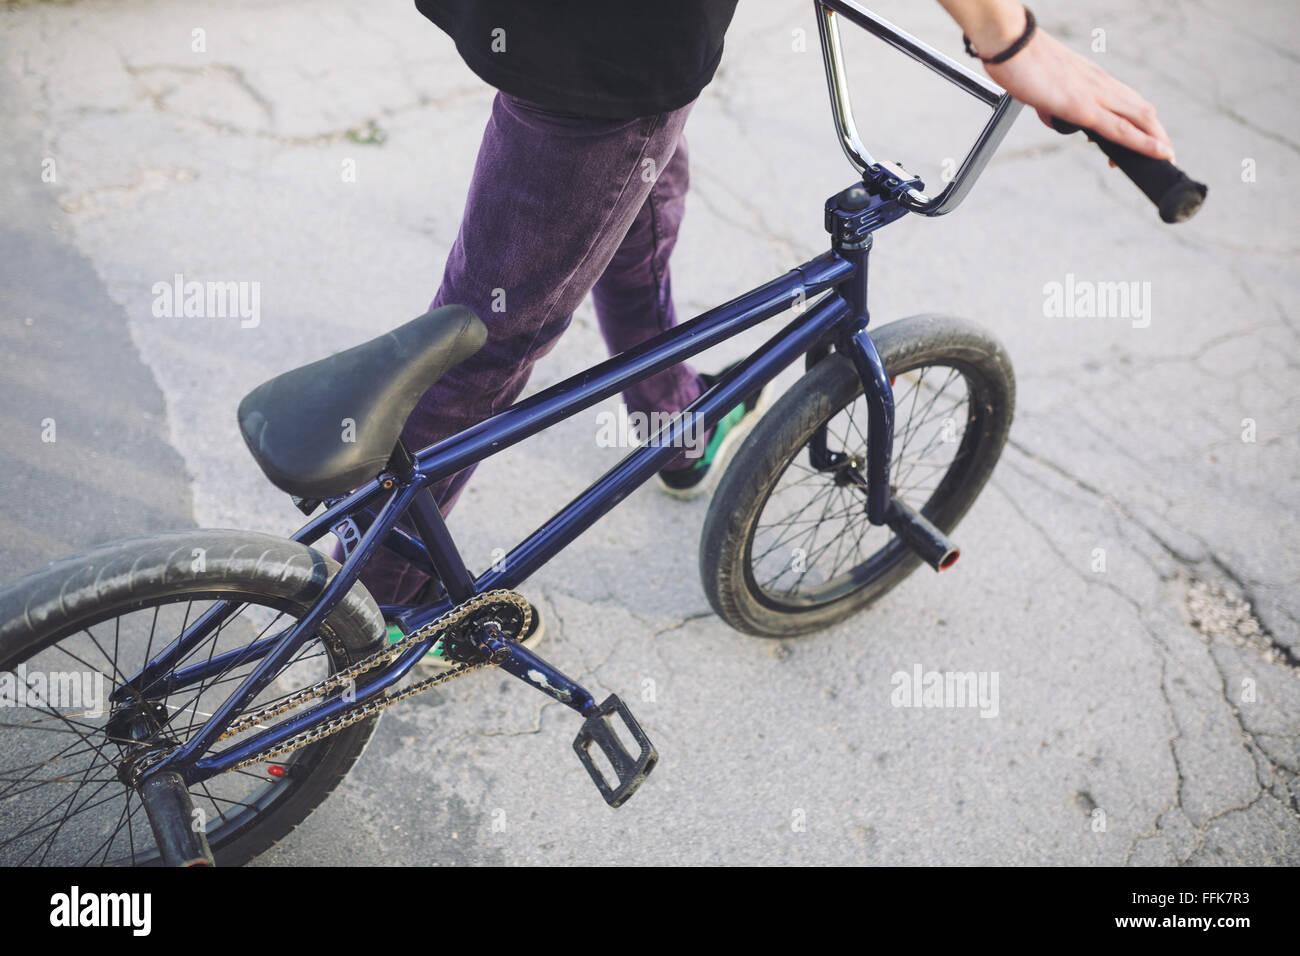 Bmx Bike Stockfotos & Bmx Bike Bilder - Alamy